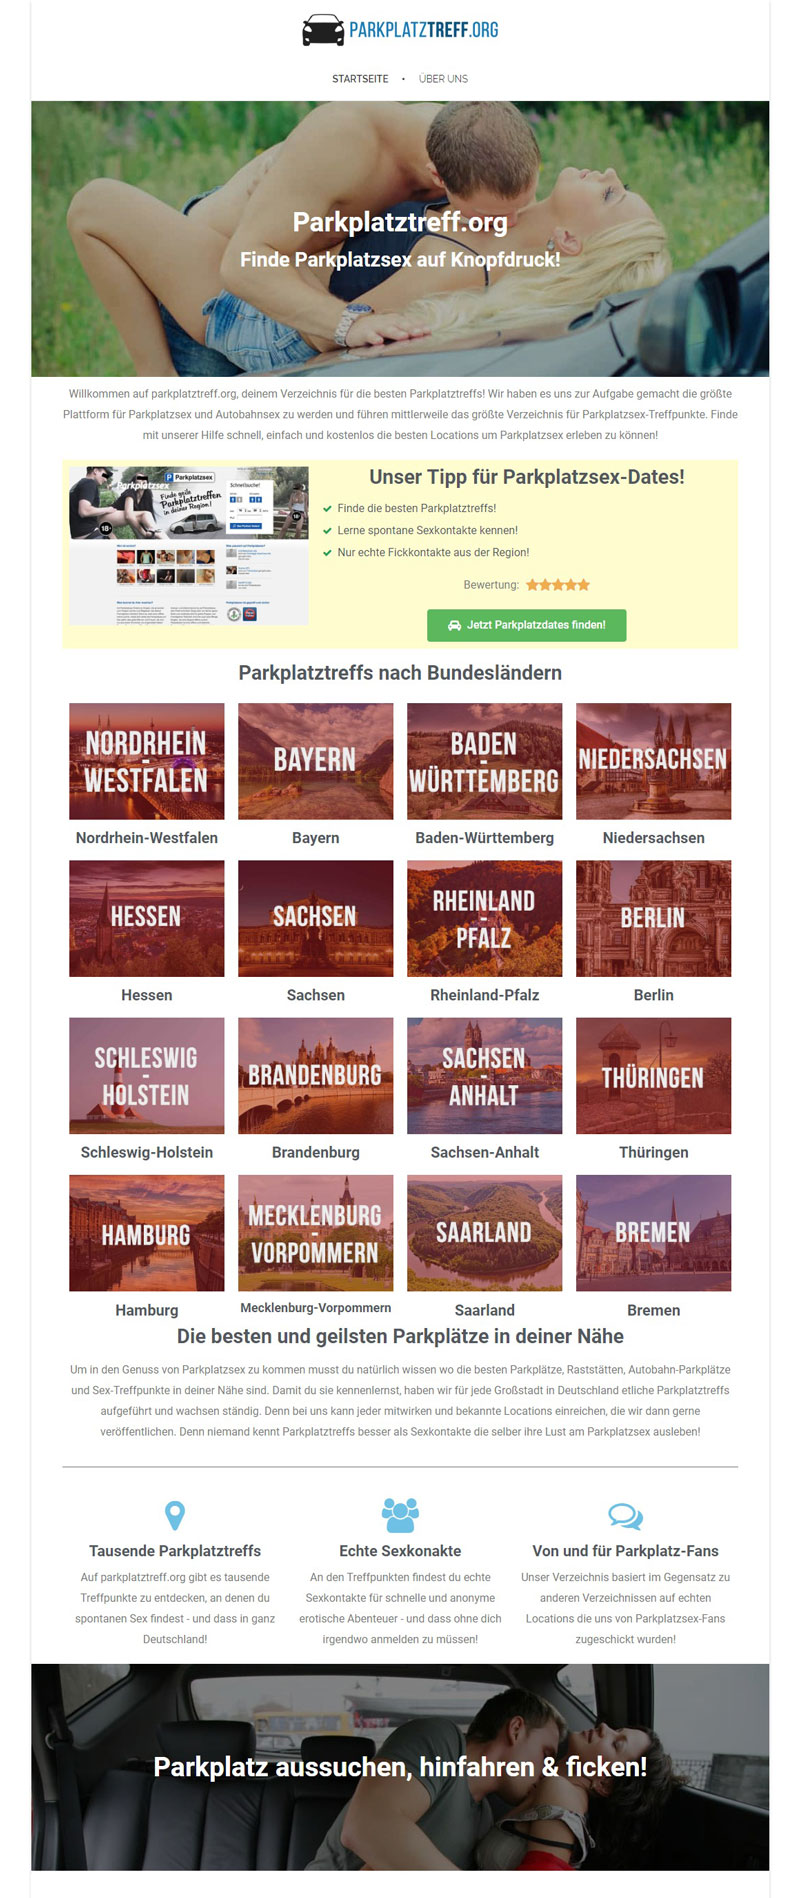 Testbericht Parkplatztreff.org - Screenshot der Webseite